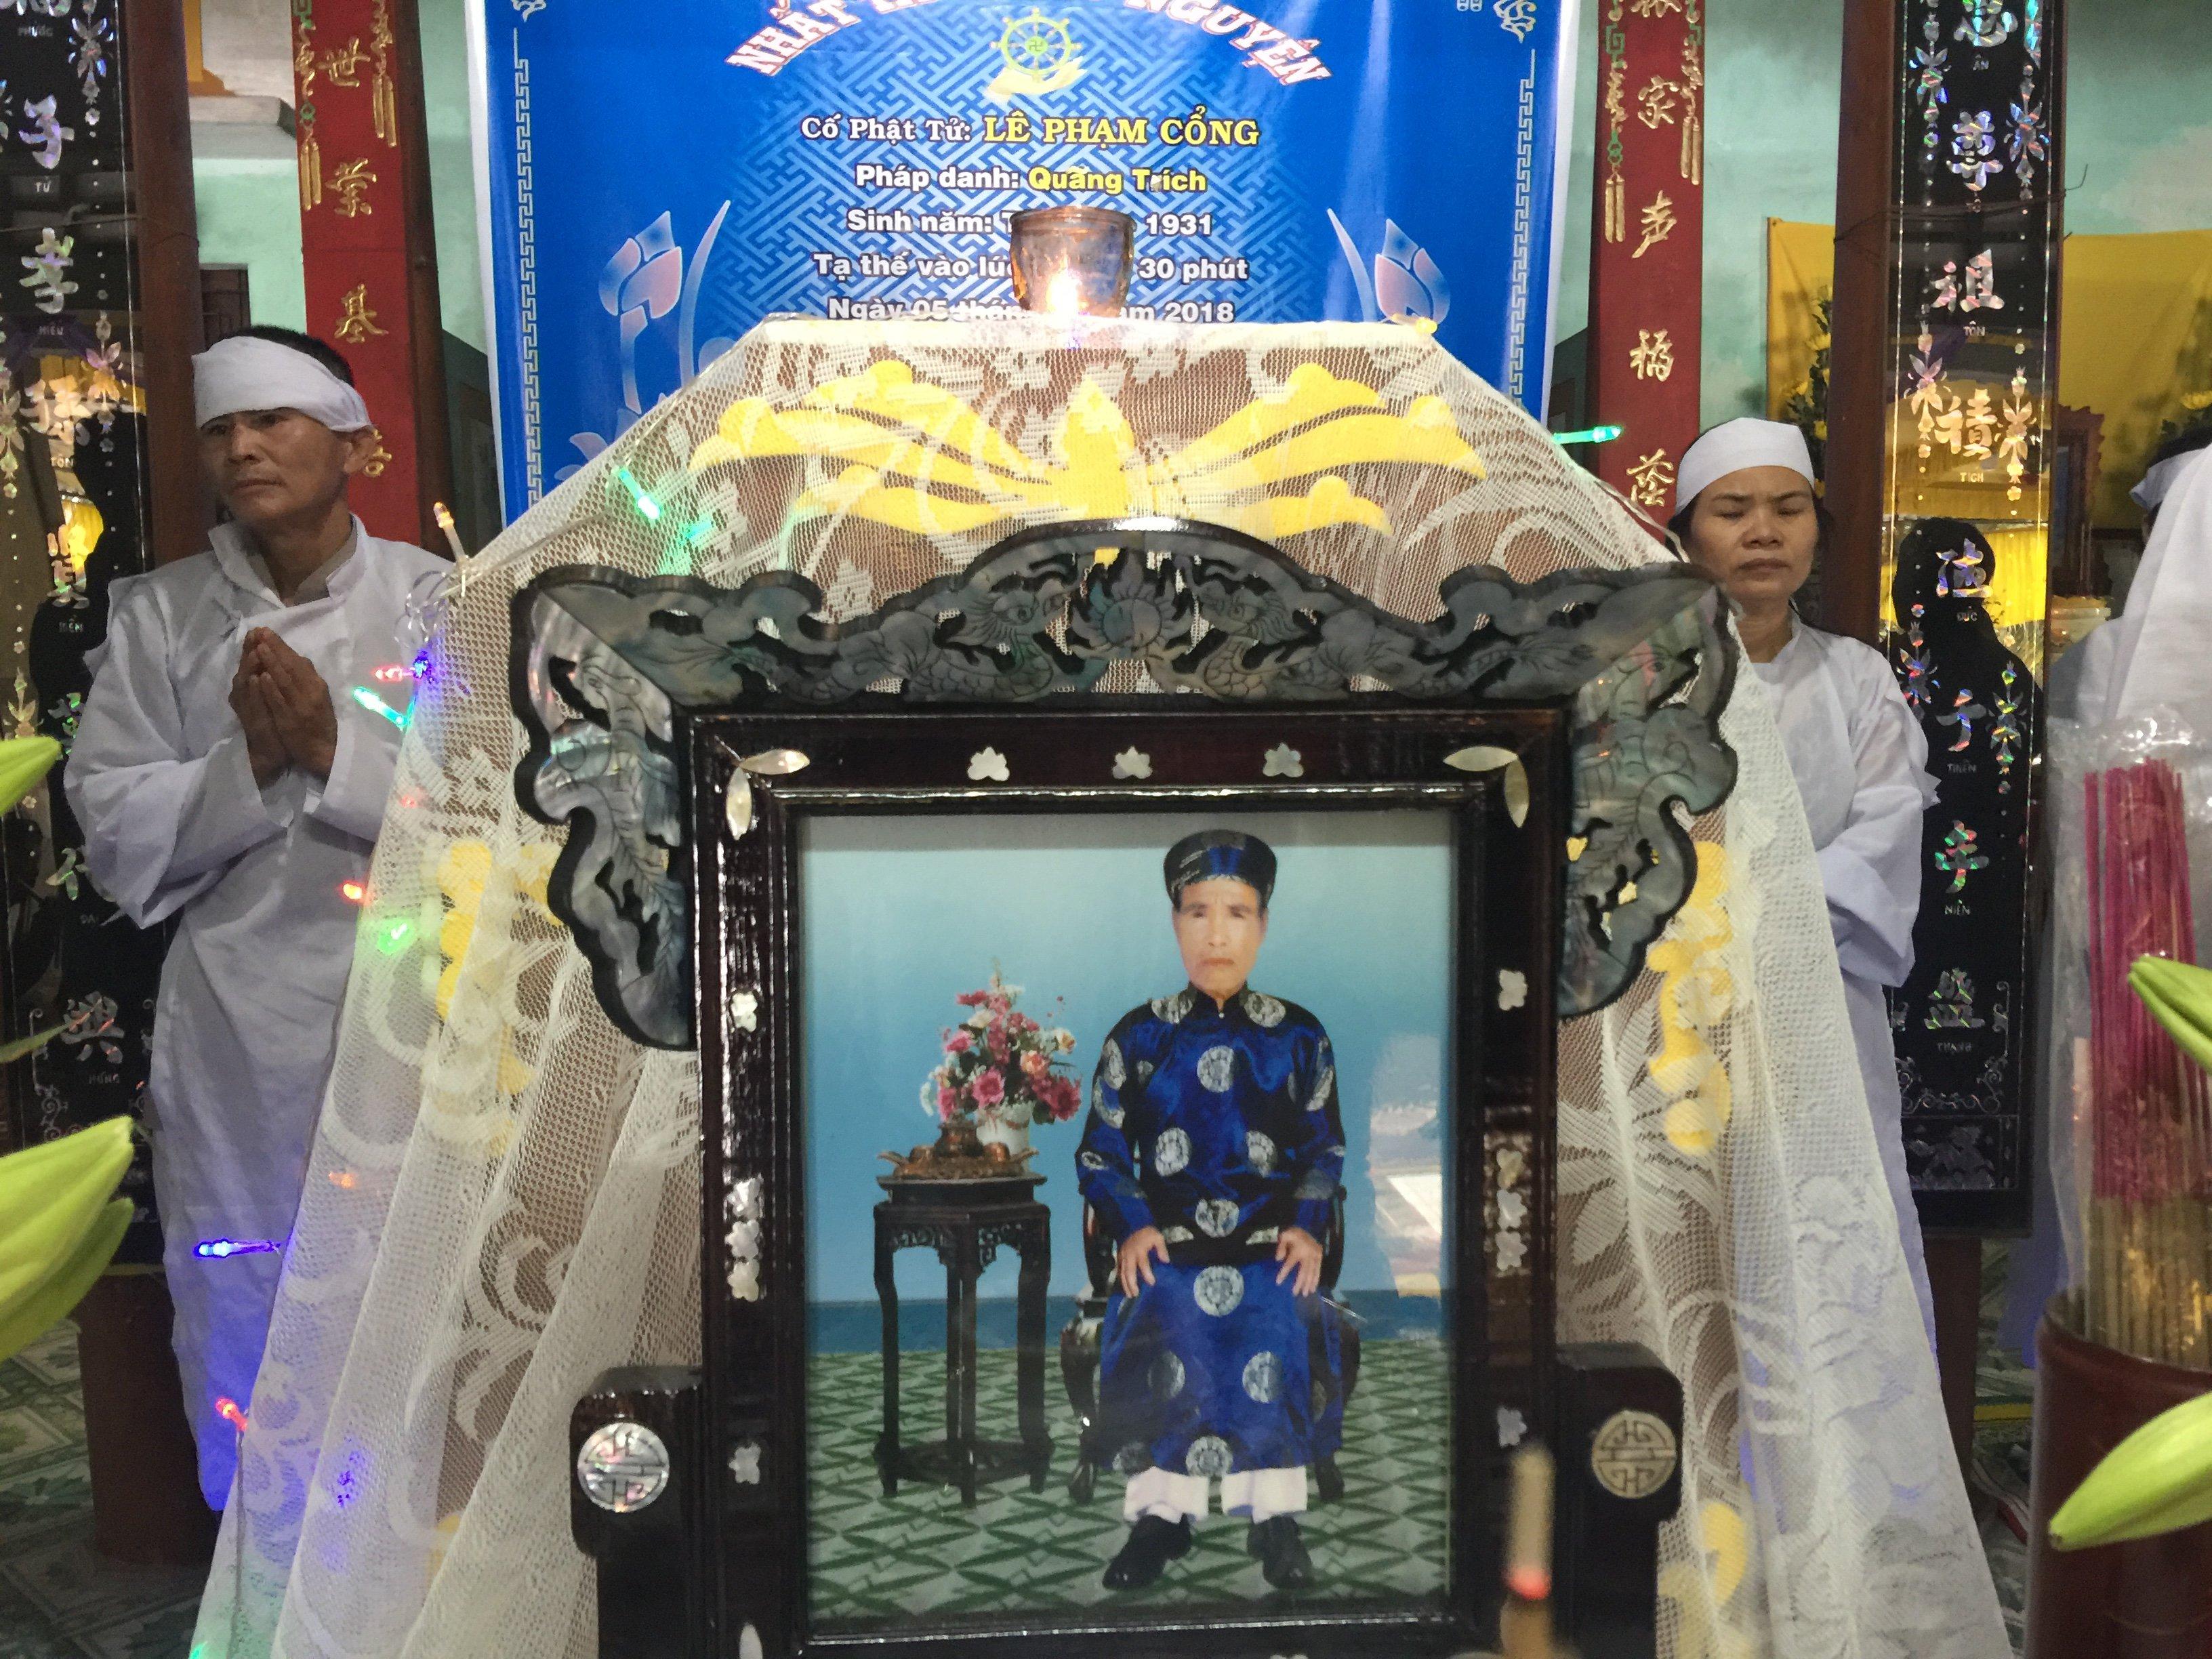 Ông Lê Phạm Cổng qua đời